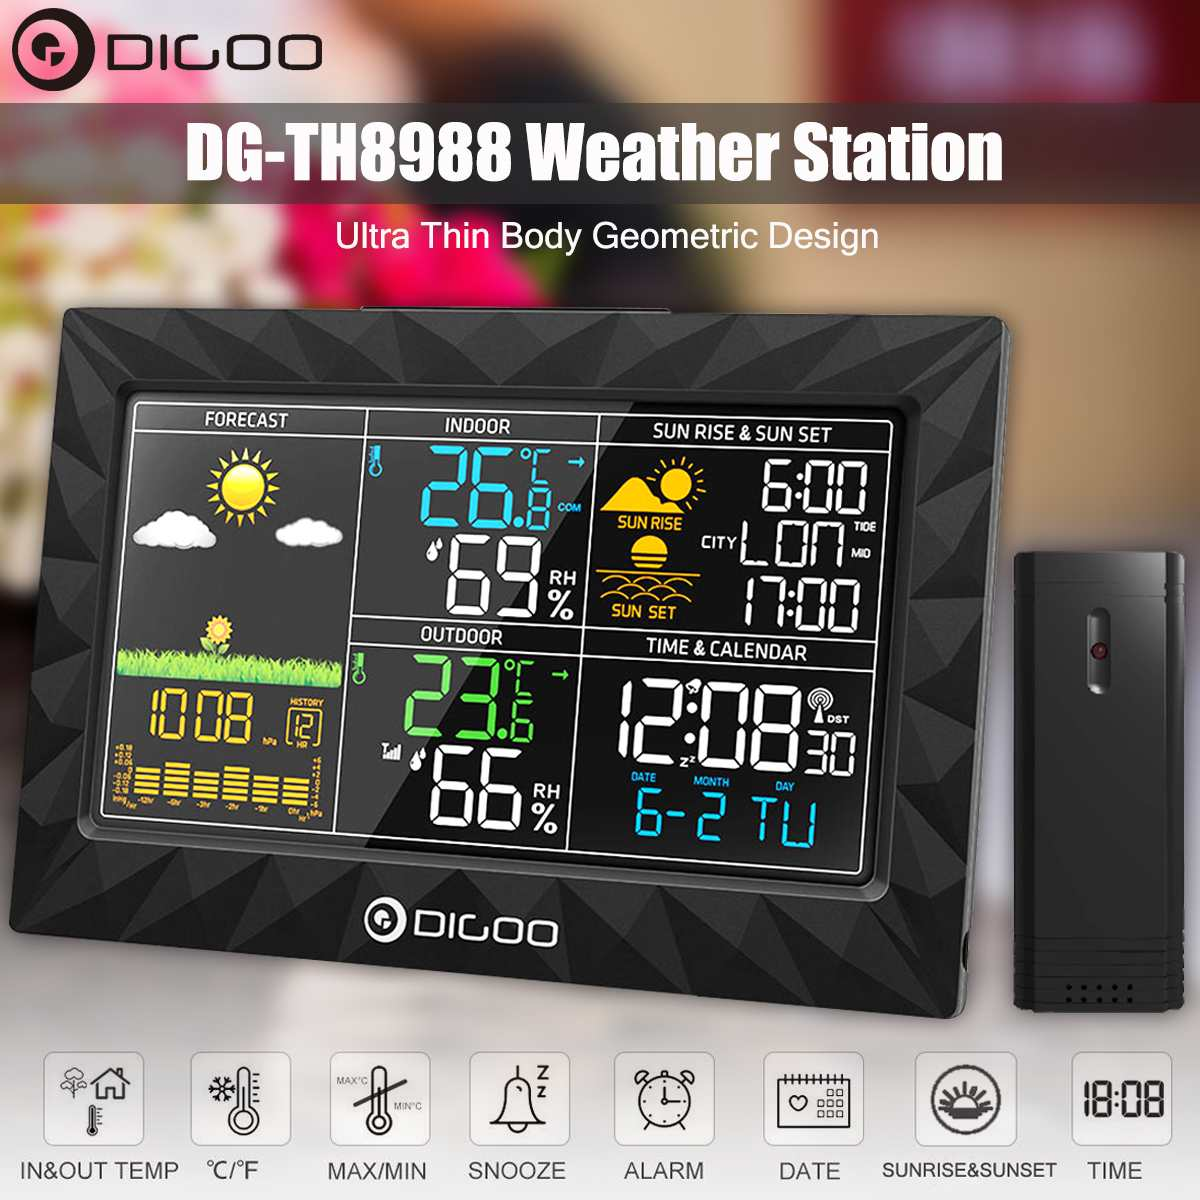 DIGOO DG TH8988 couleur Station météo + extérieur capteur à distance thermomètre hygromètre Snooze horloge lever du soleil coucher de soleil affichage | AliExpress